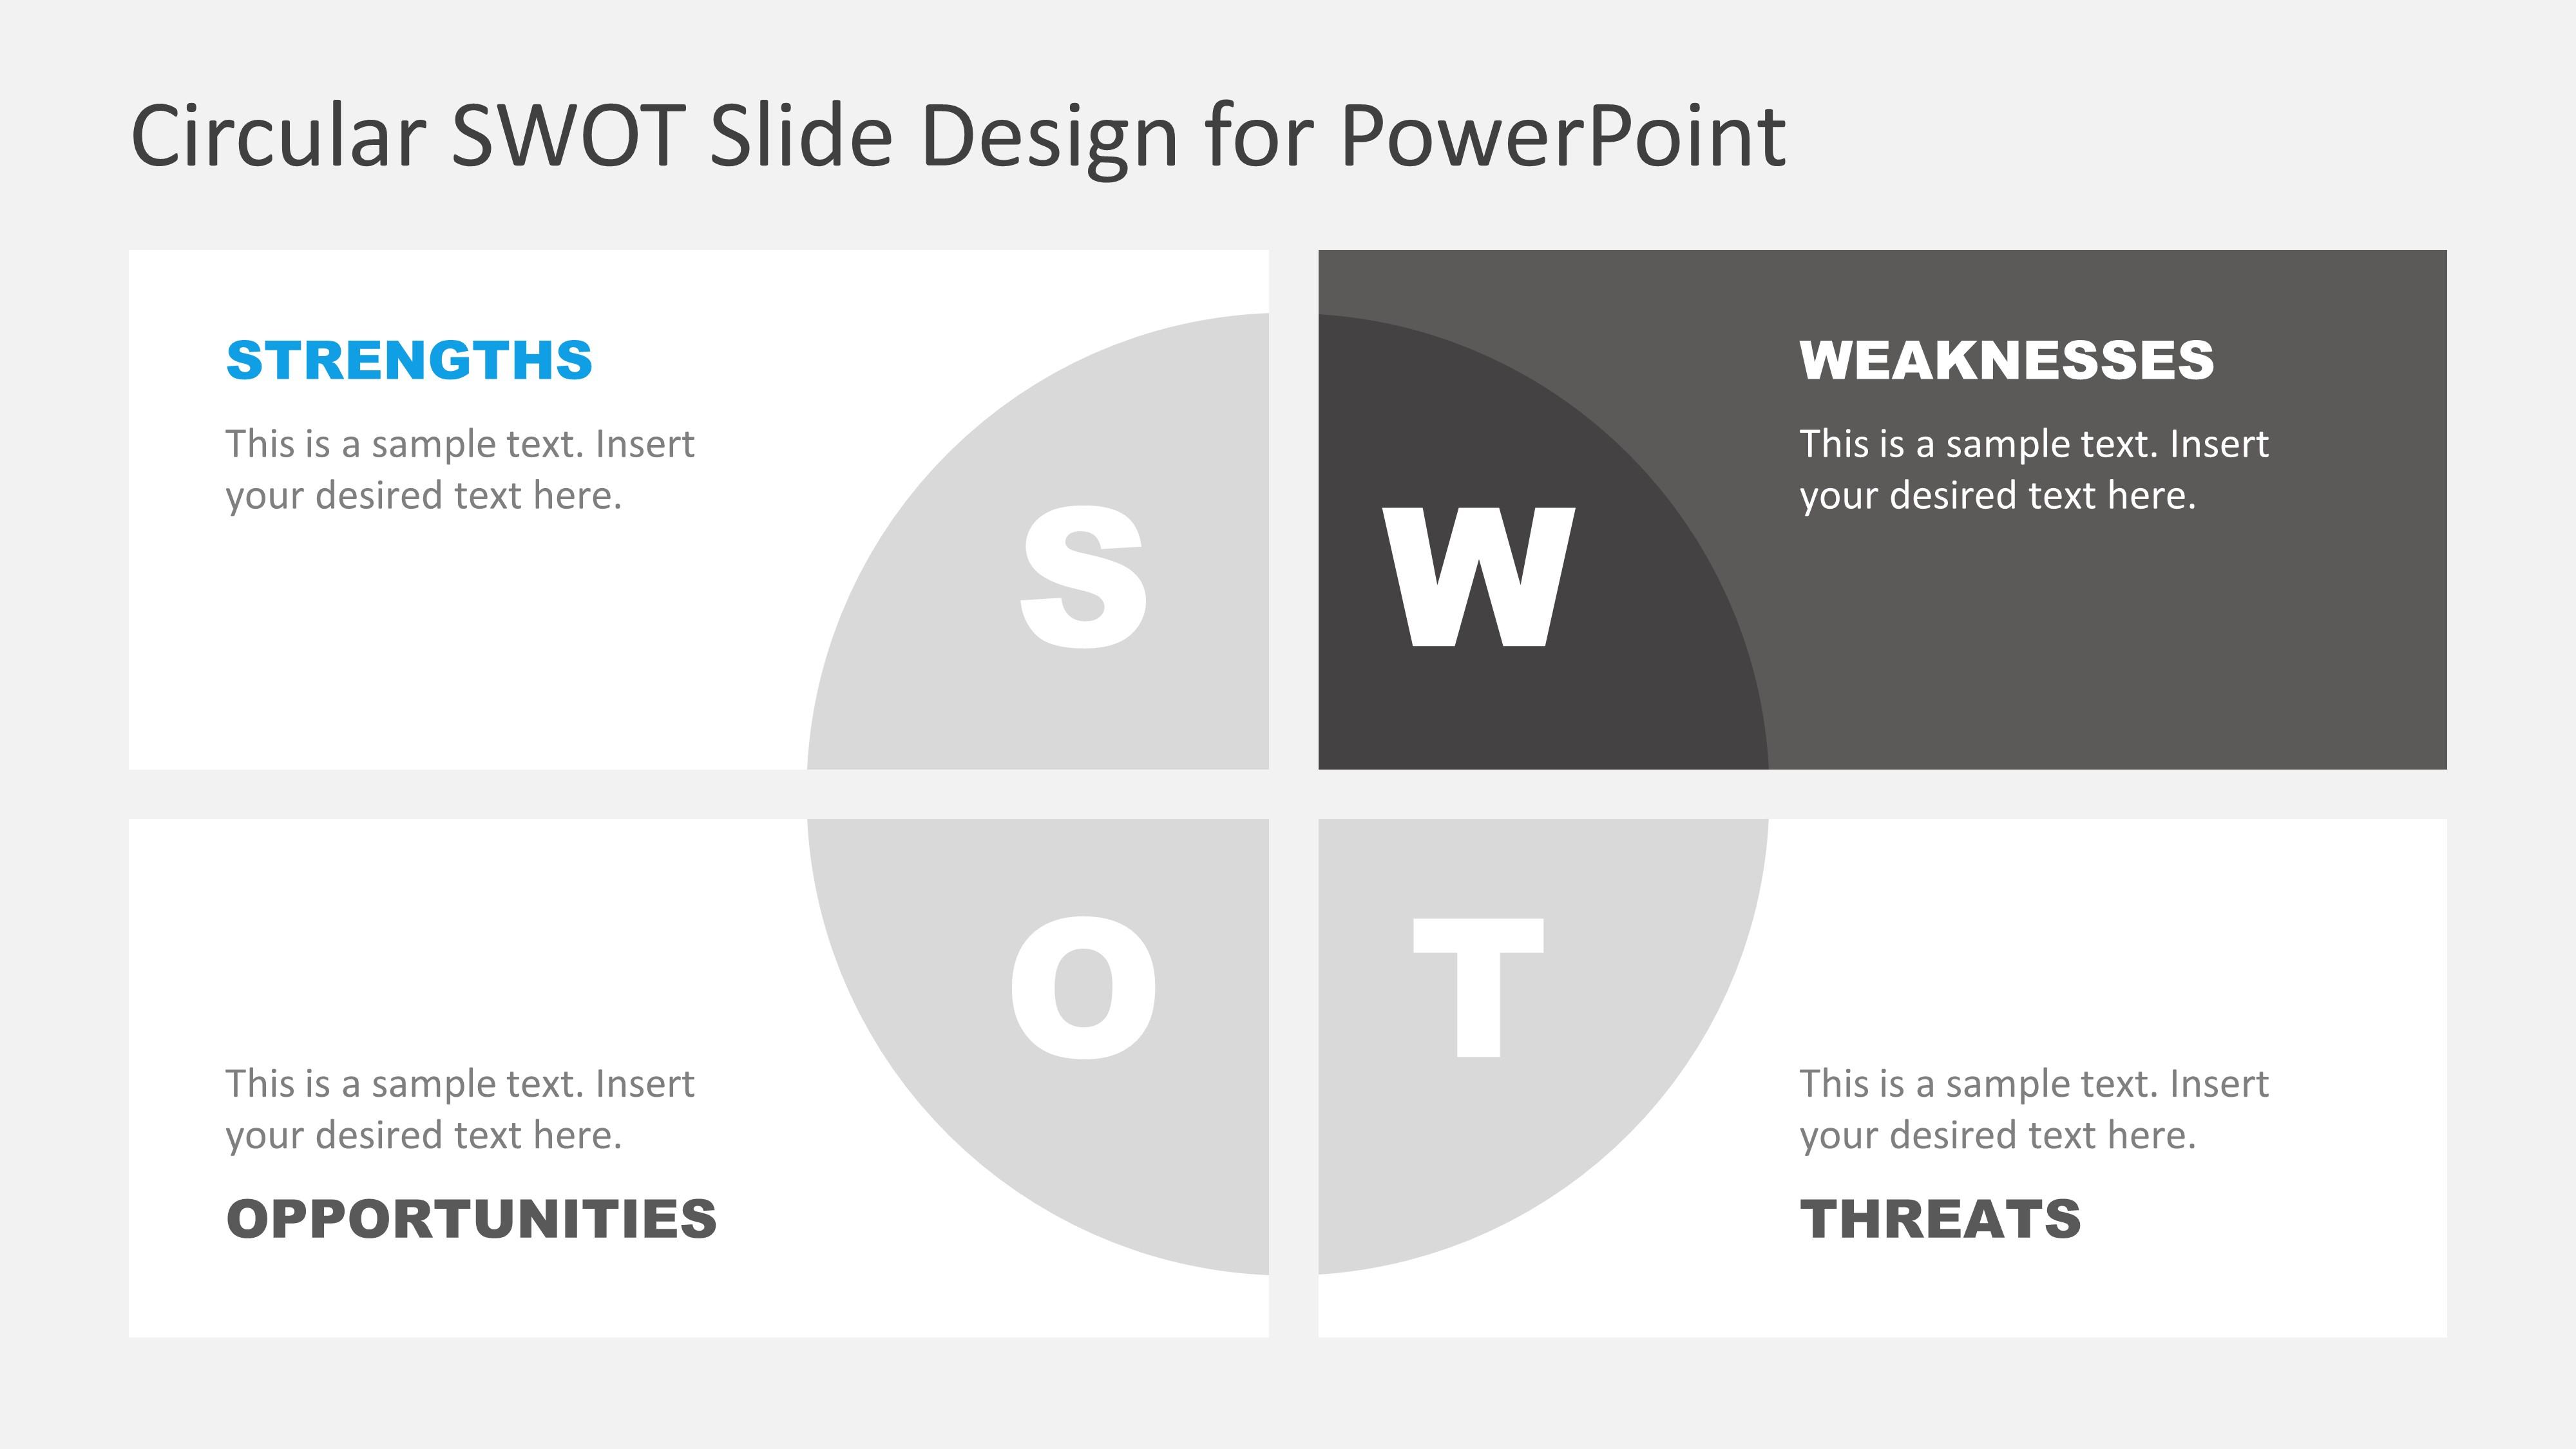 Weaknesses in SWOT Concept Model